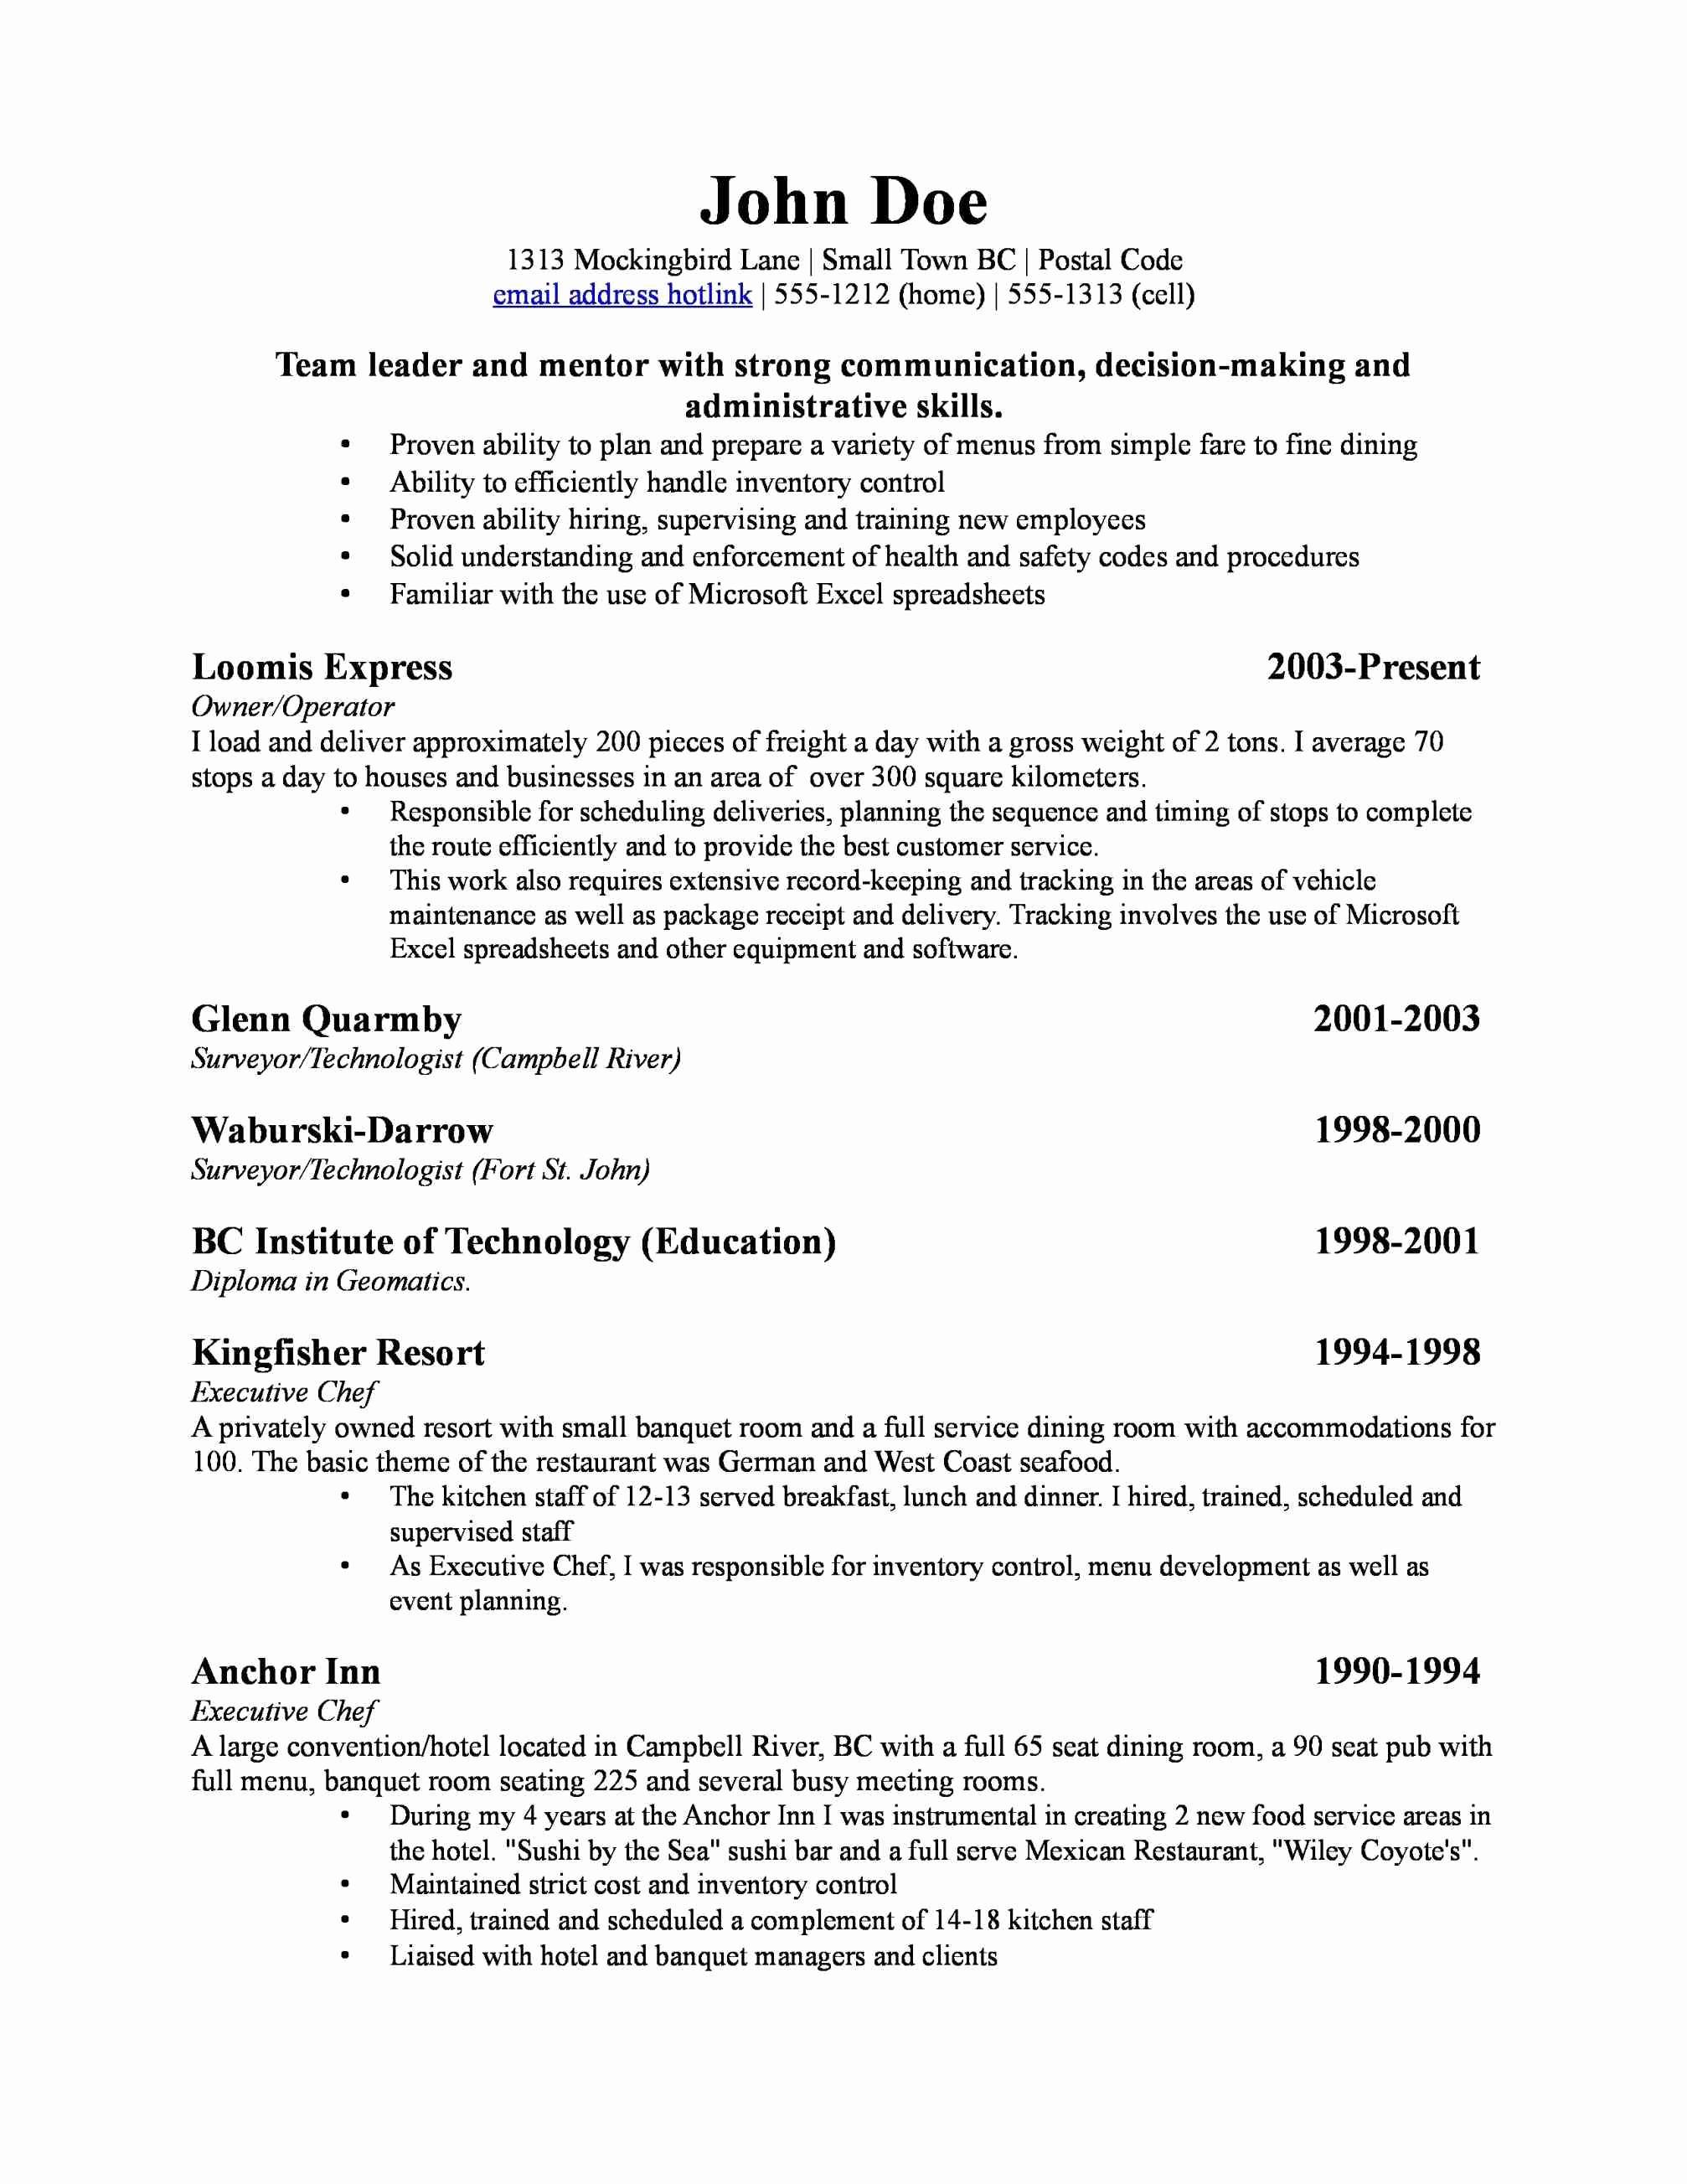 Small Business Owner Resume Lovely Business Owner Job Description for Resume Resume Ideas